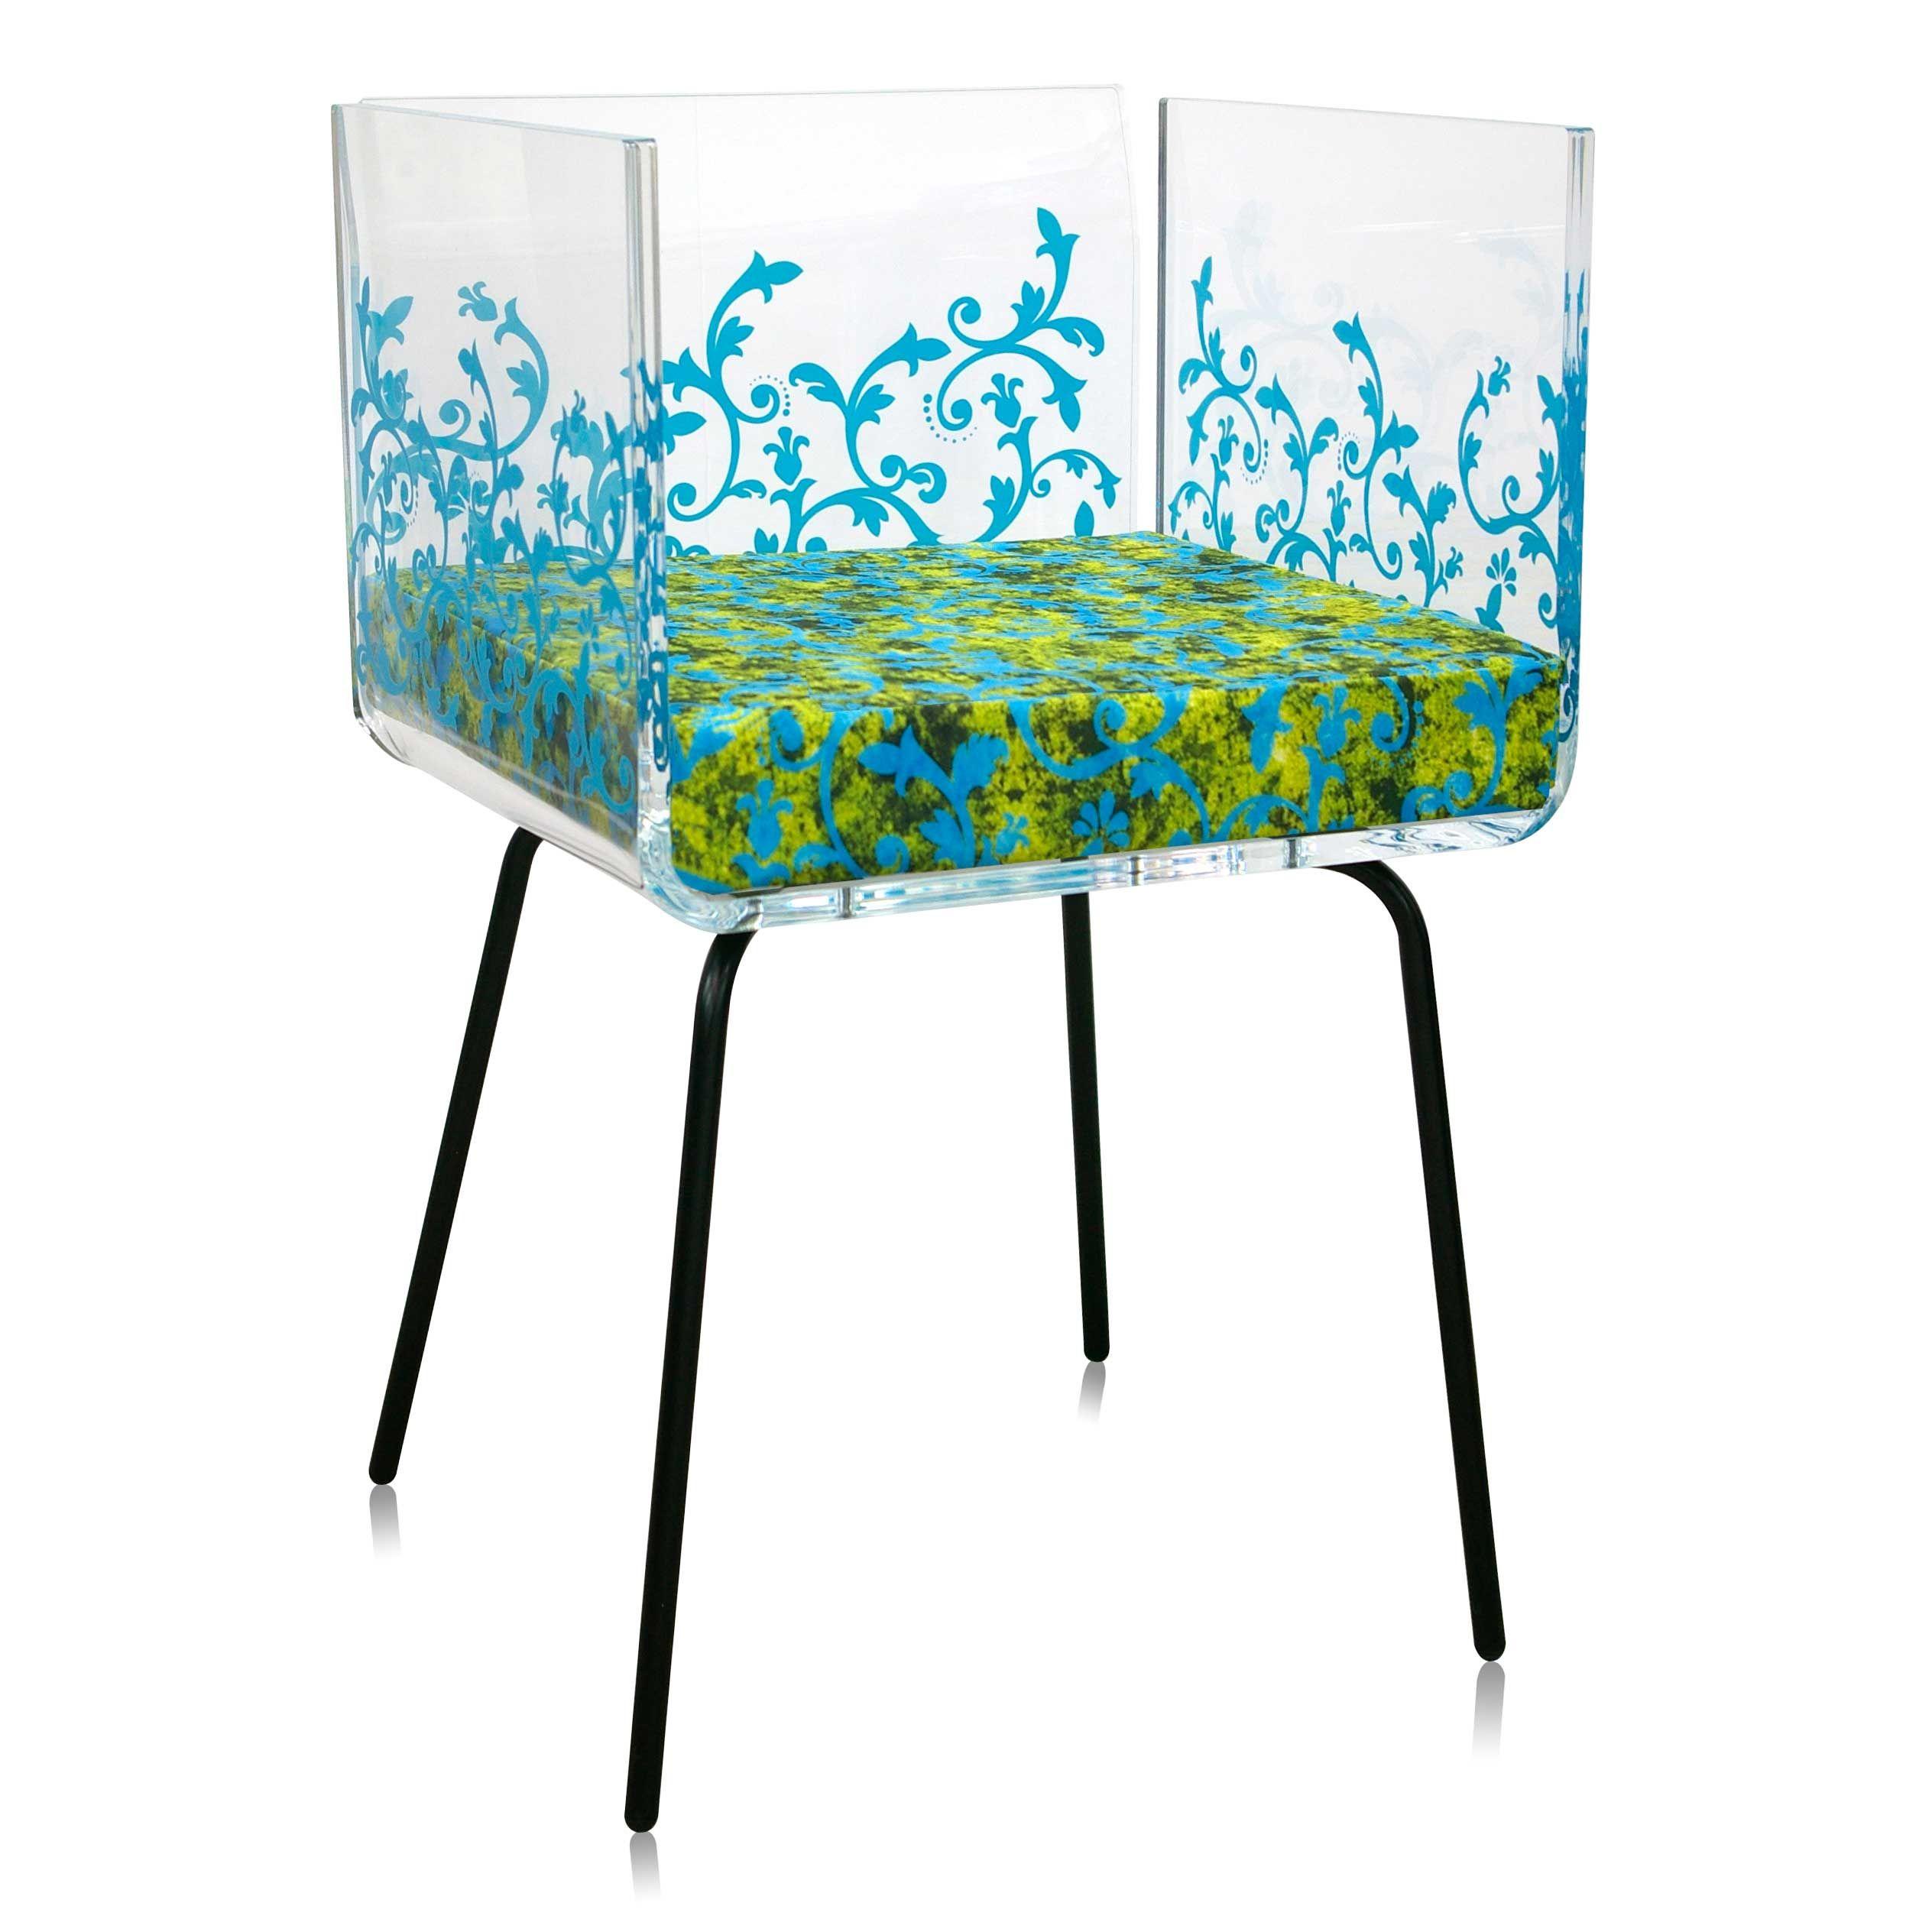 Mobilier design mobilier personnalis meubles design - Meuble plexiglas design ...